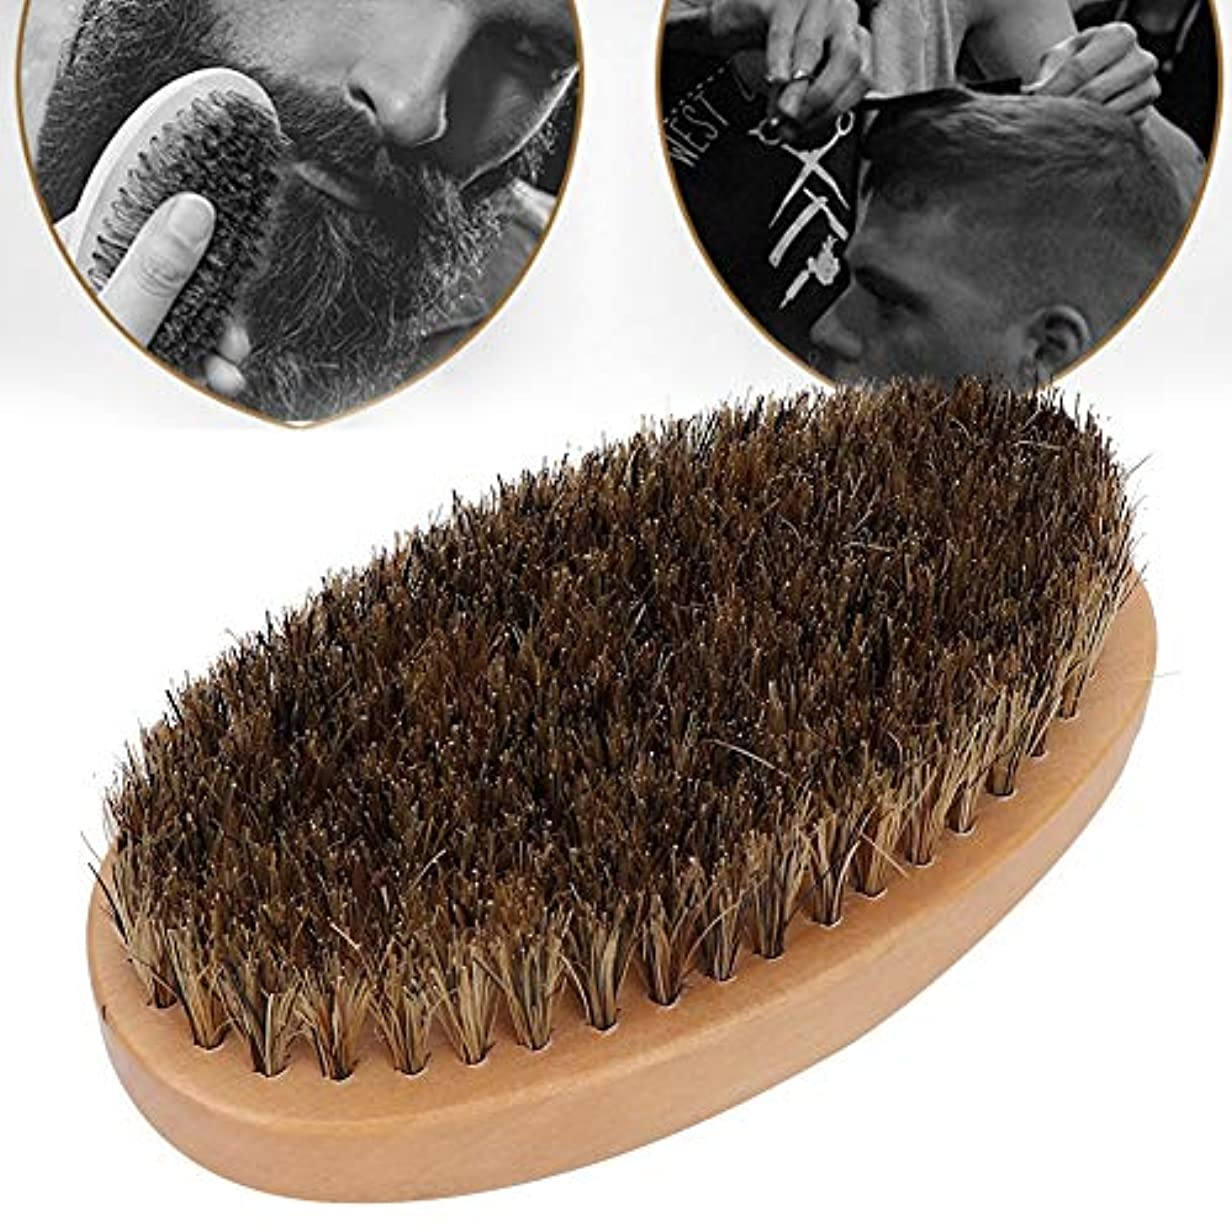 主要な実質的あなたのもの男性用の壊れた髪の掃除ひげブラシヘアコーム, 男性用のプロの壊れた髪抜本的なひげブラシヘアコーム理髪くし